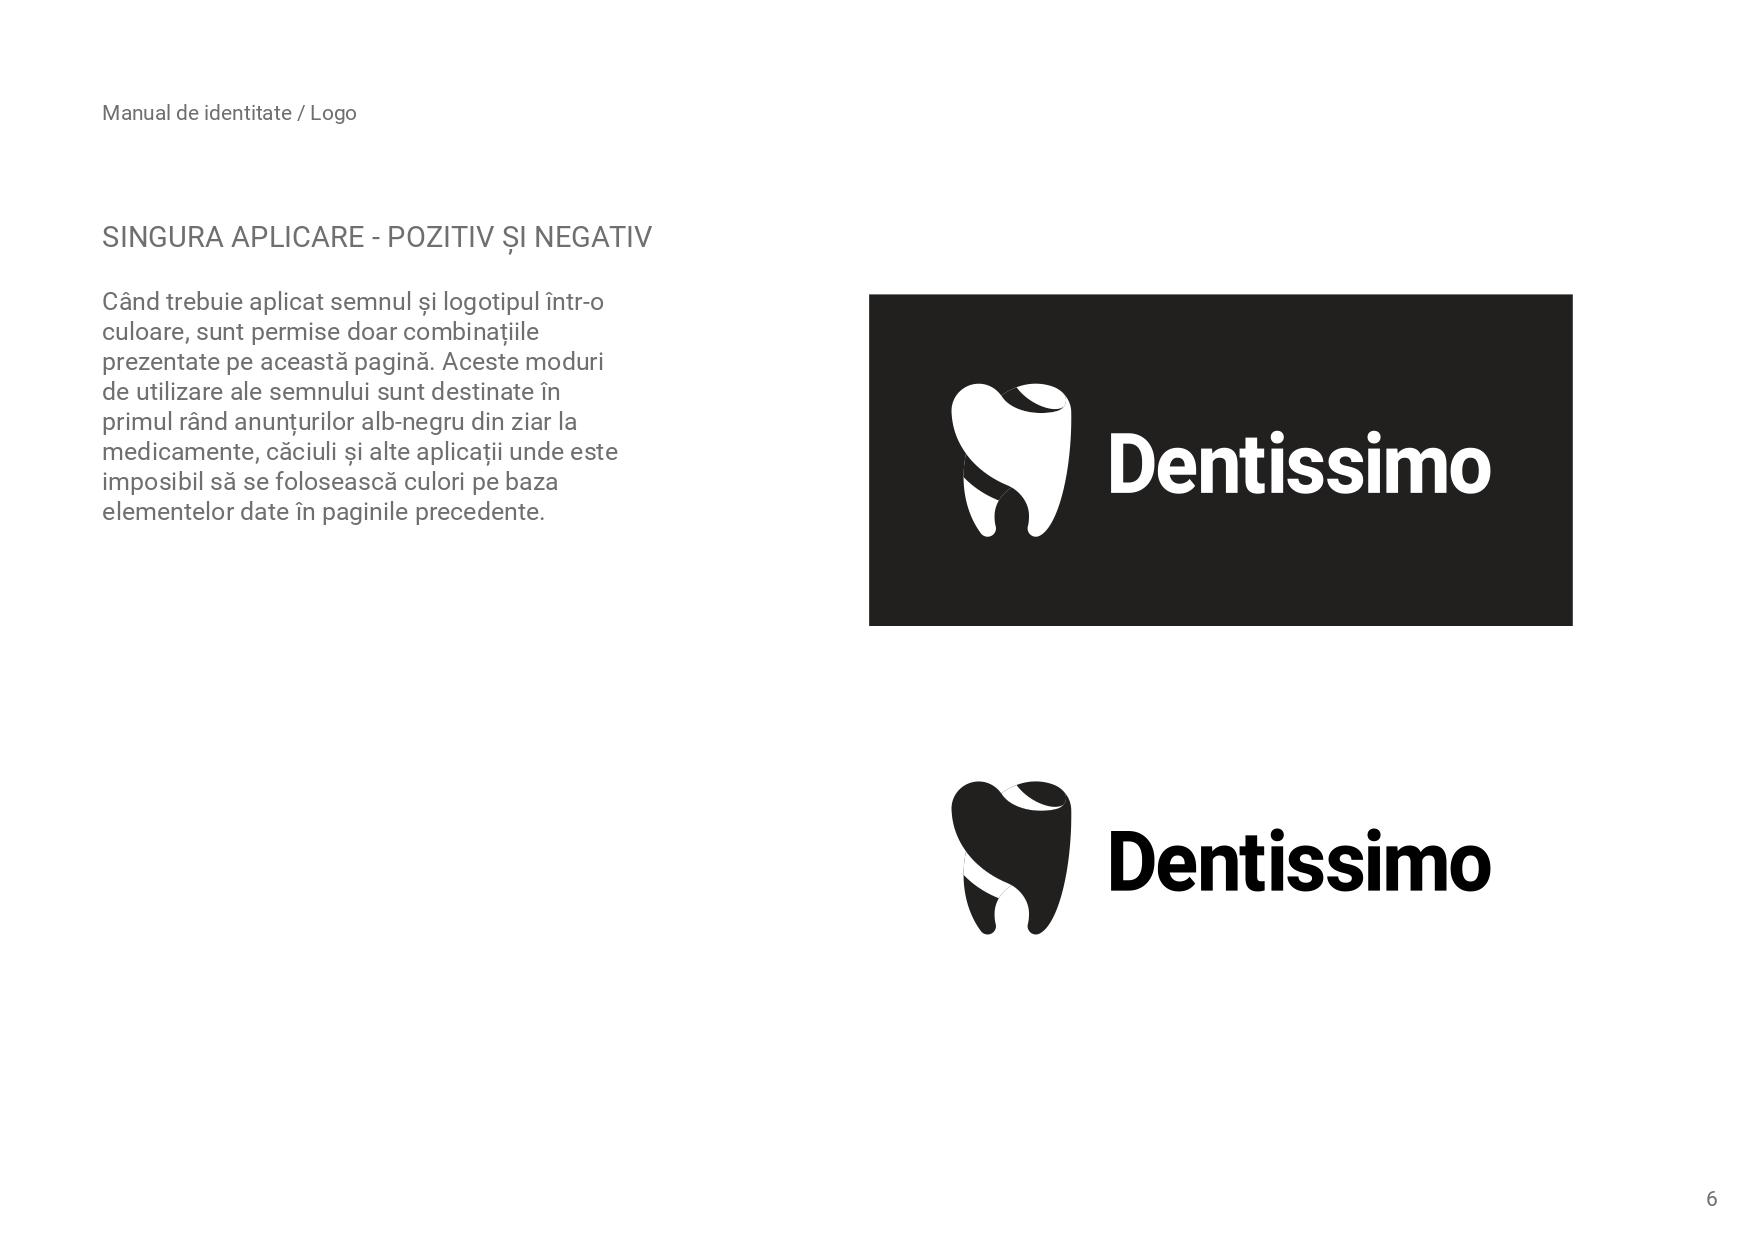 Dentissimo logo alb negru